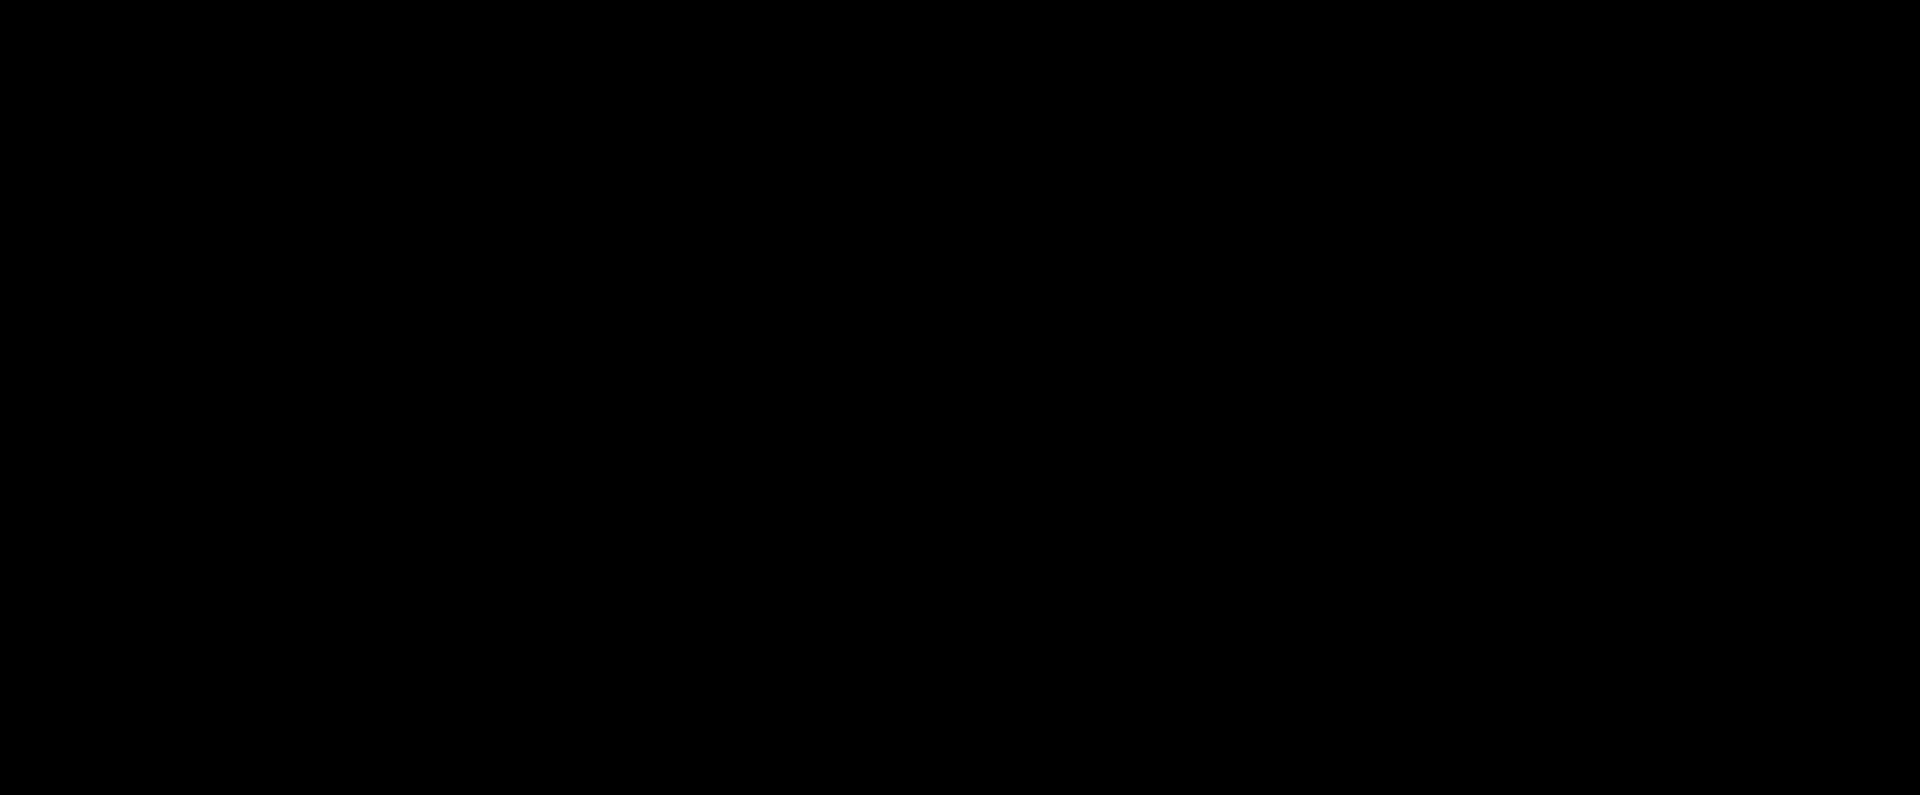 bgPompeia